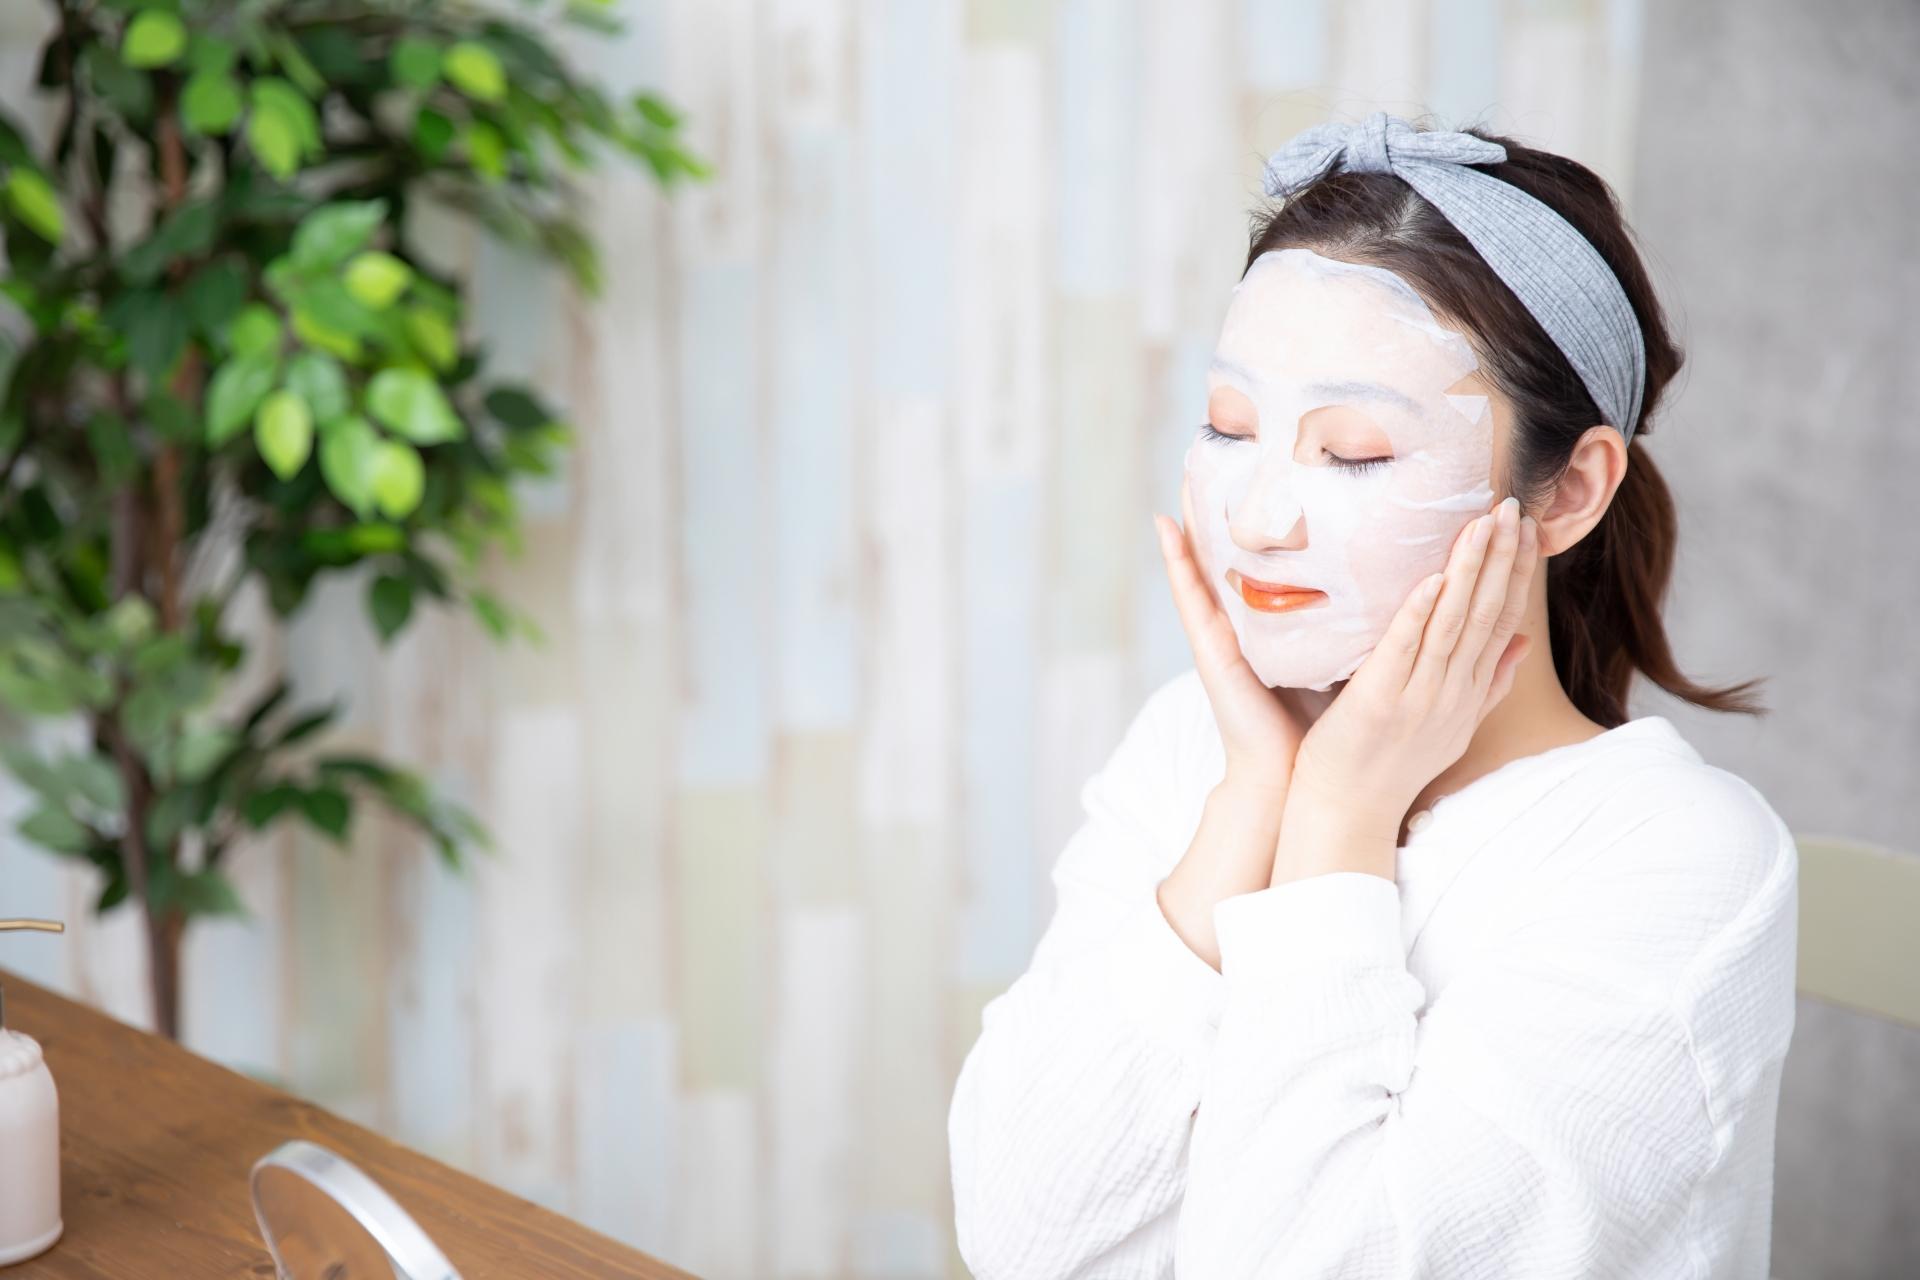 フェイスマスクをして効果を実感する女性